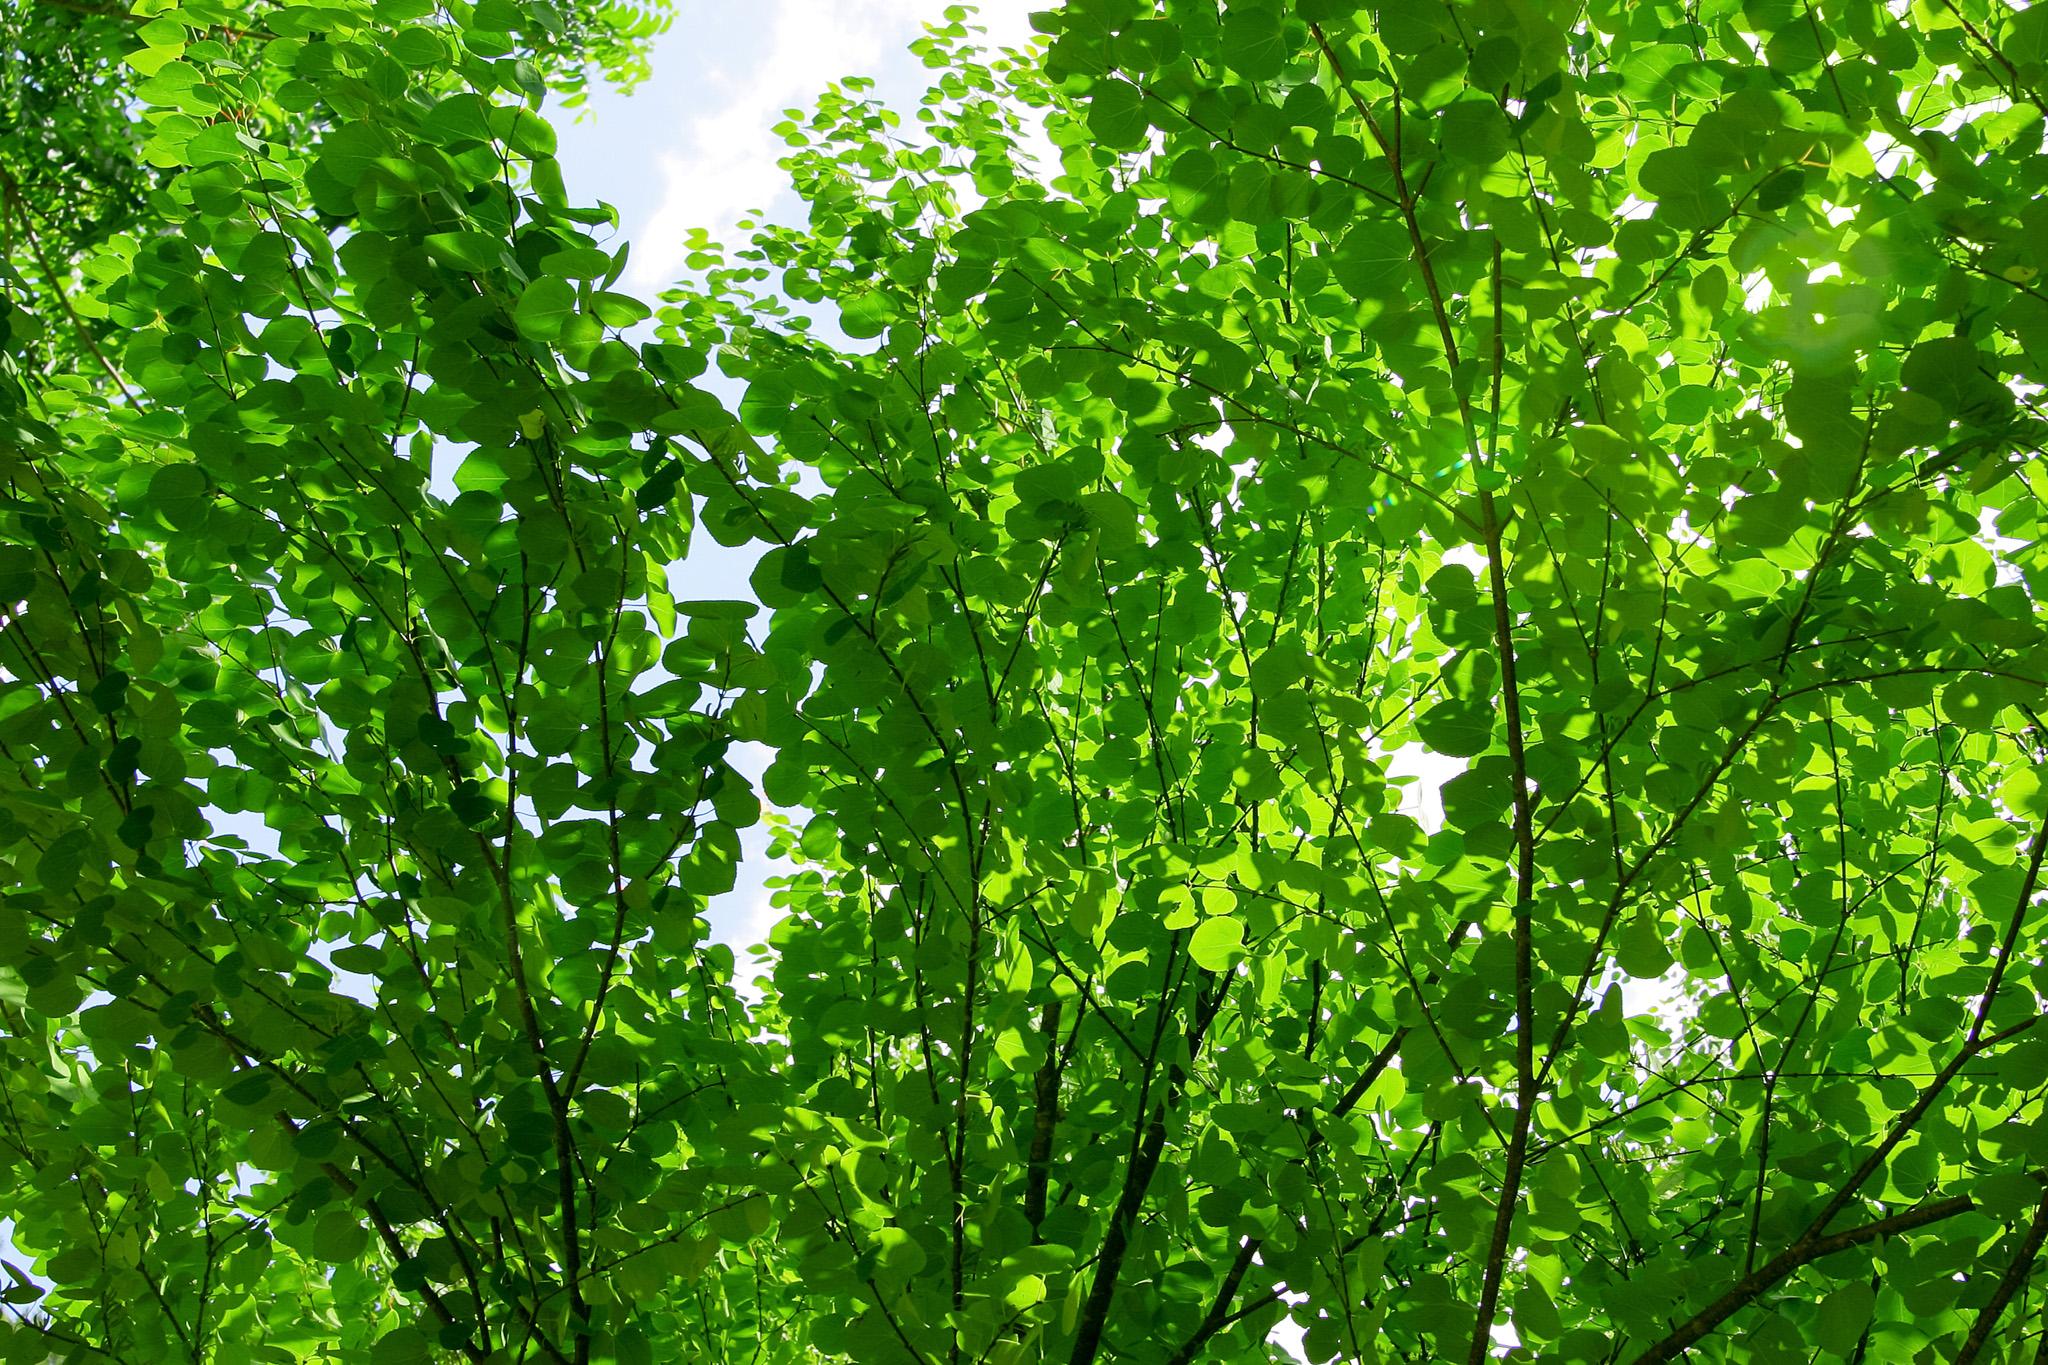 「光に輝く緑の葉」